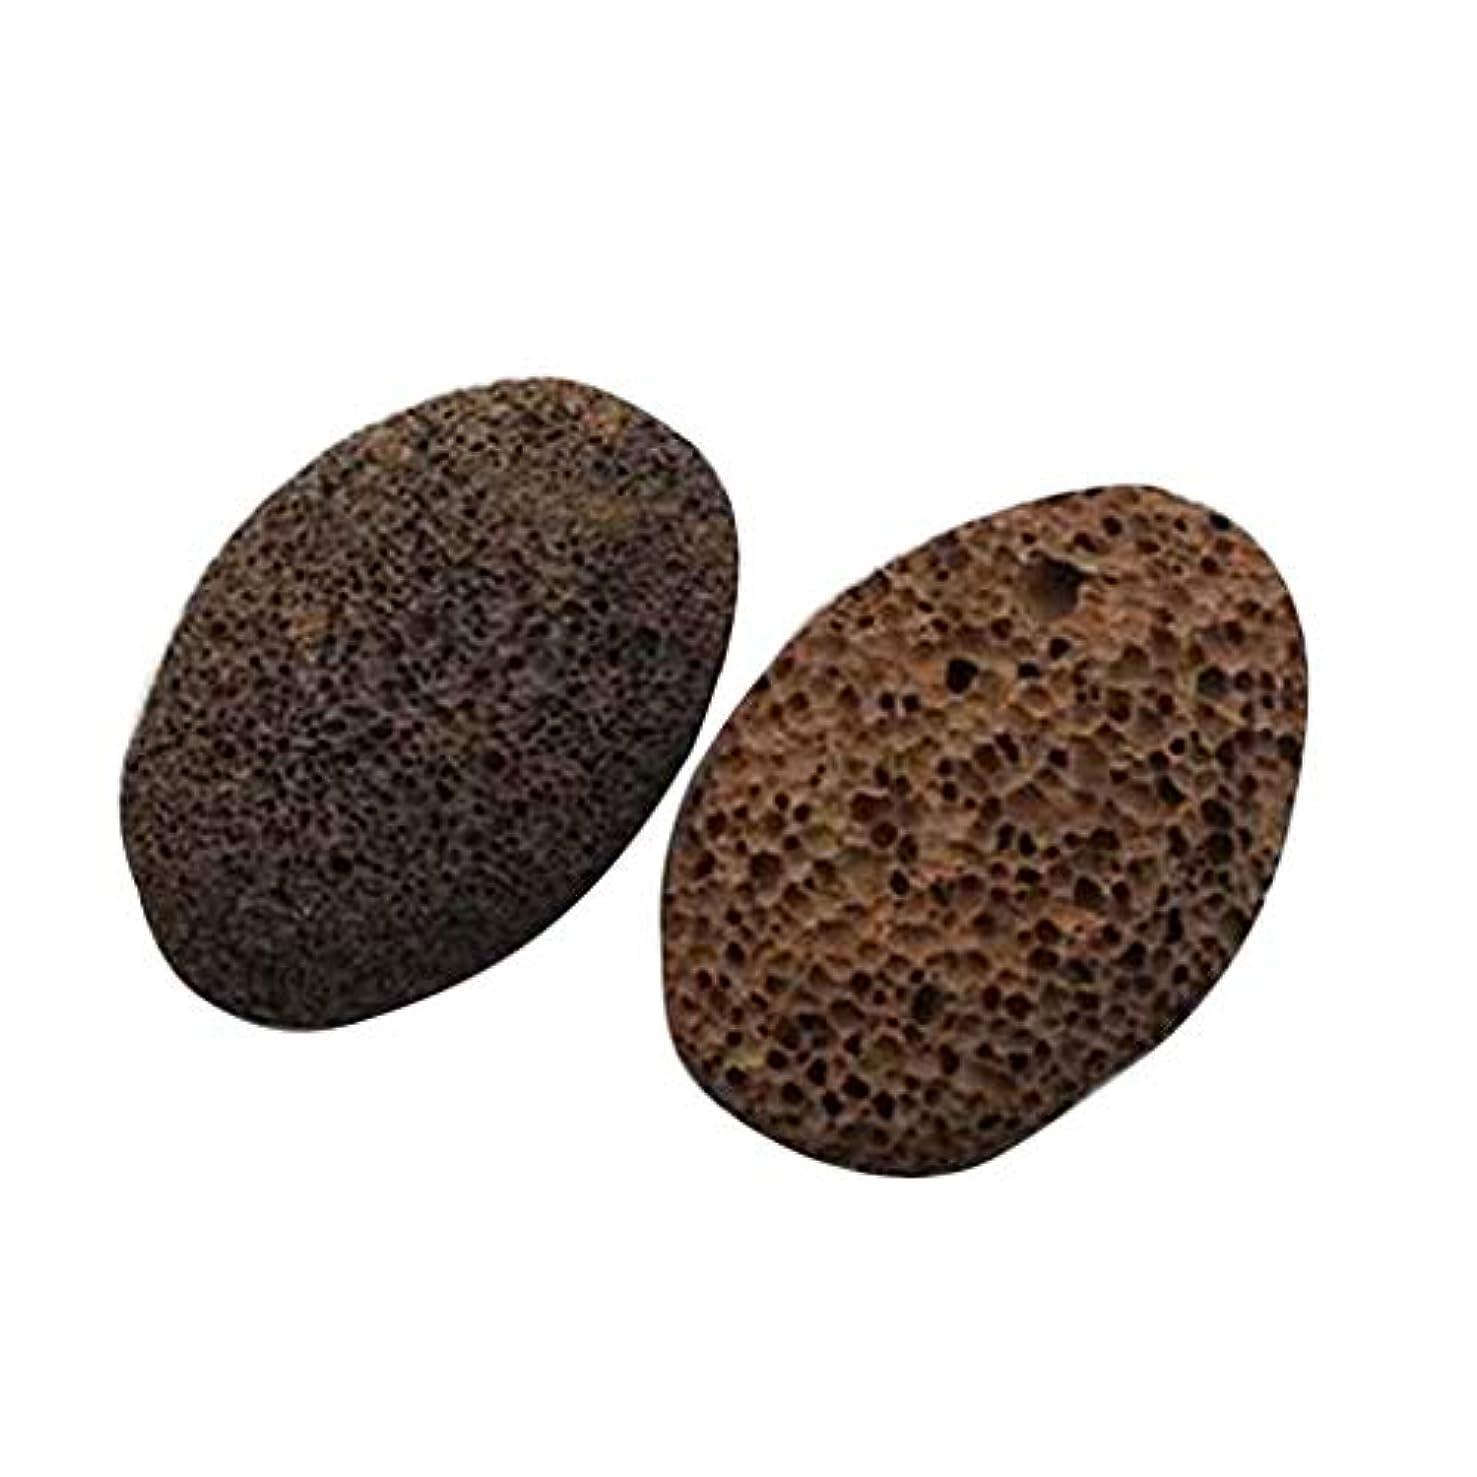 裁定耐えられる接辞Nerhaily 死んだ皮軽石を取り除き 足石を挽いて 自然の火山石を剥がします 足マッサージ石 ワイプ足石 2個セット